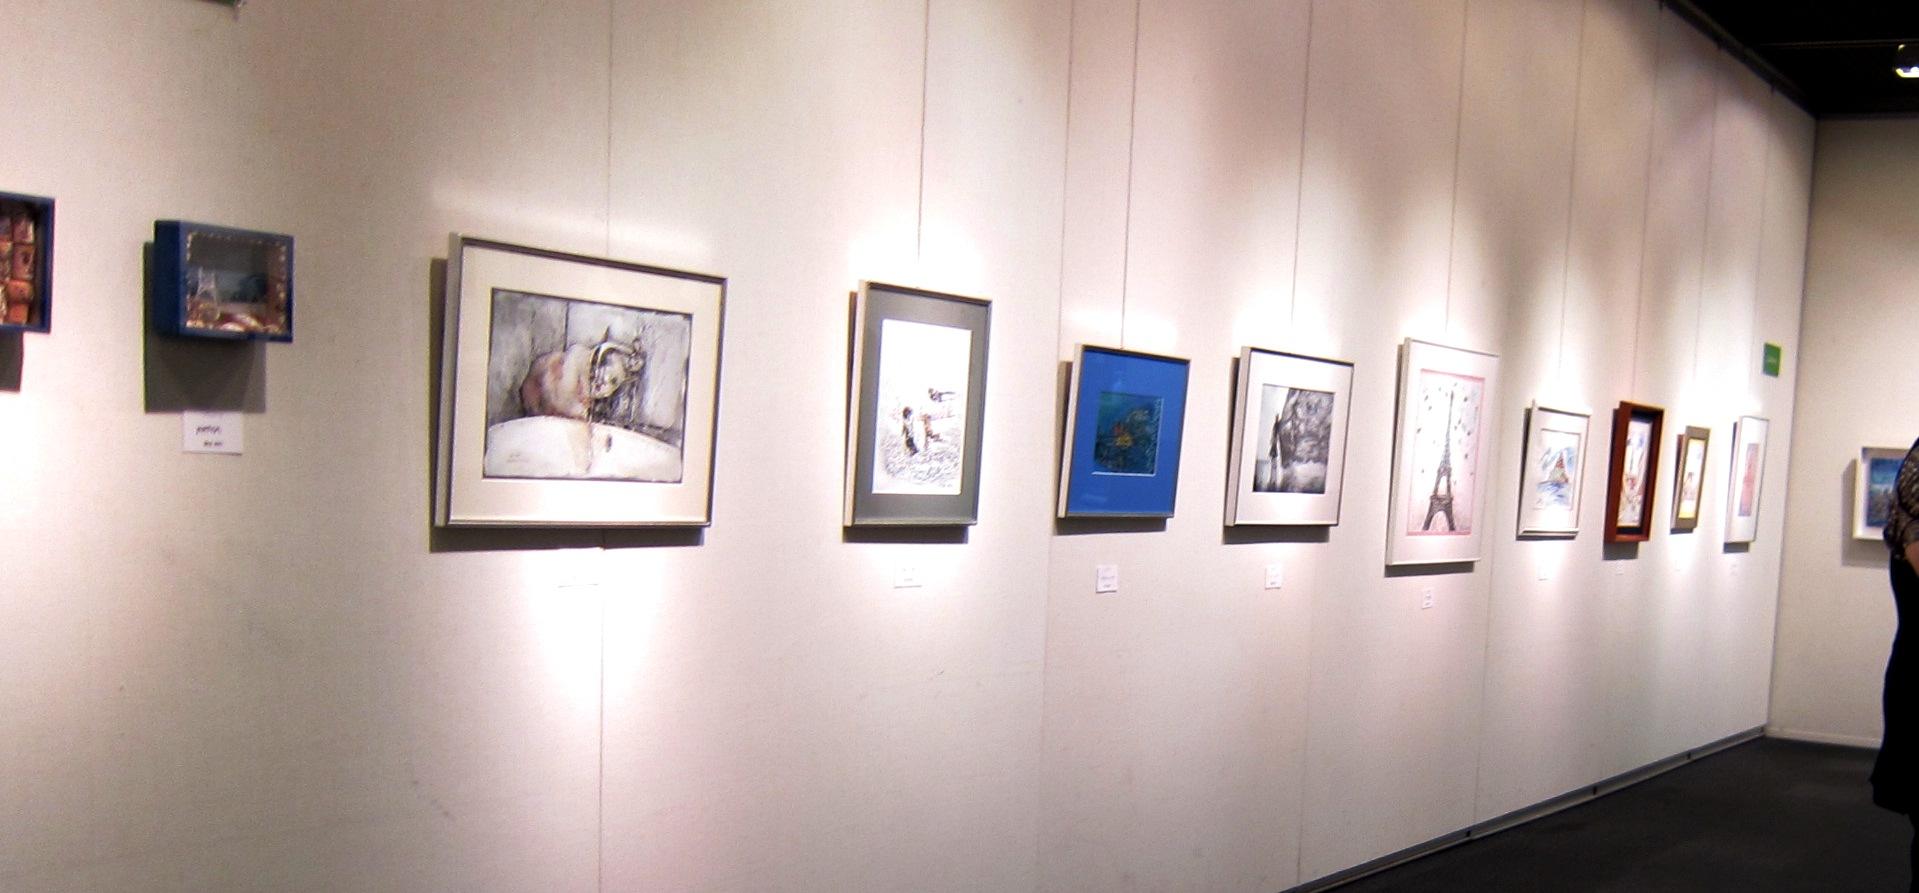 2156)「日本美術家連盟北海道地区 アーティストによる拡げる表現展」スカイ. 終了8月13日(火)~8月18日(日)_f0126829_11355340.jpg